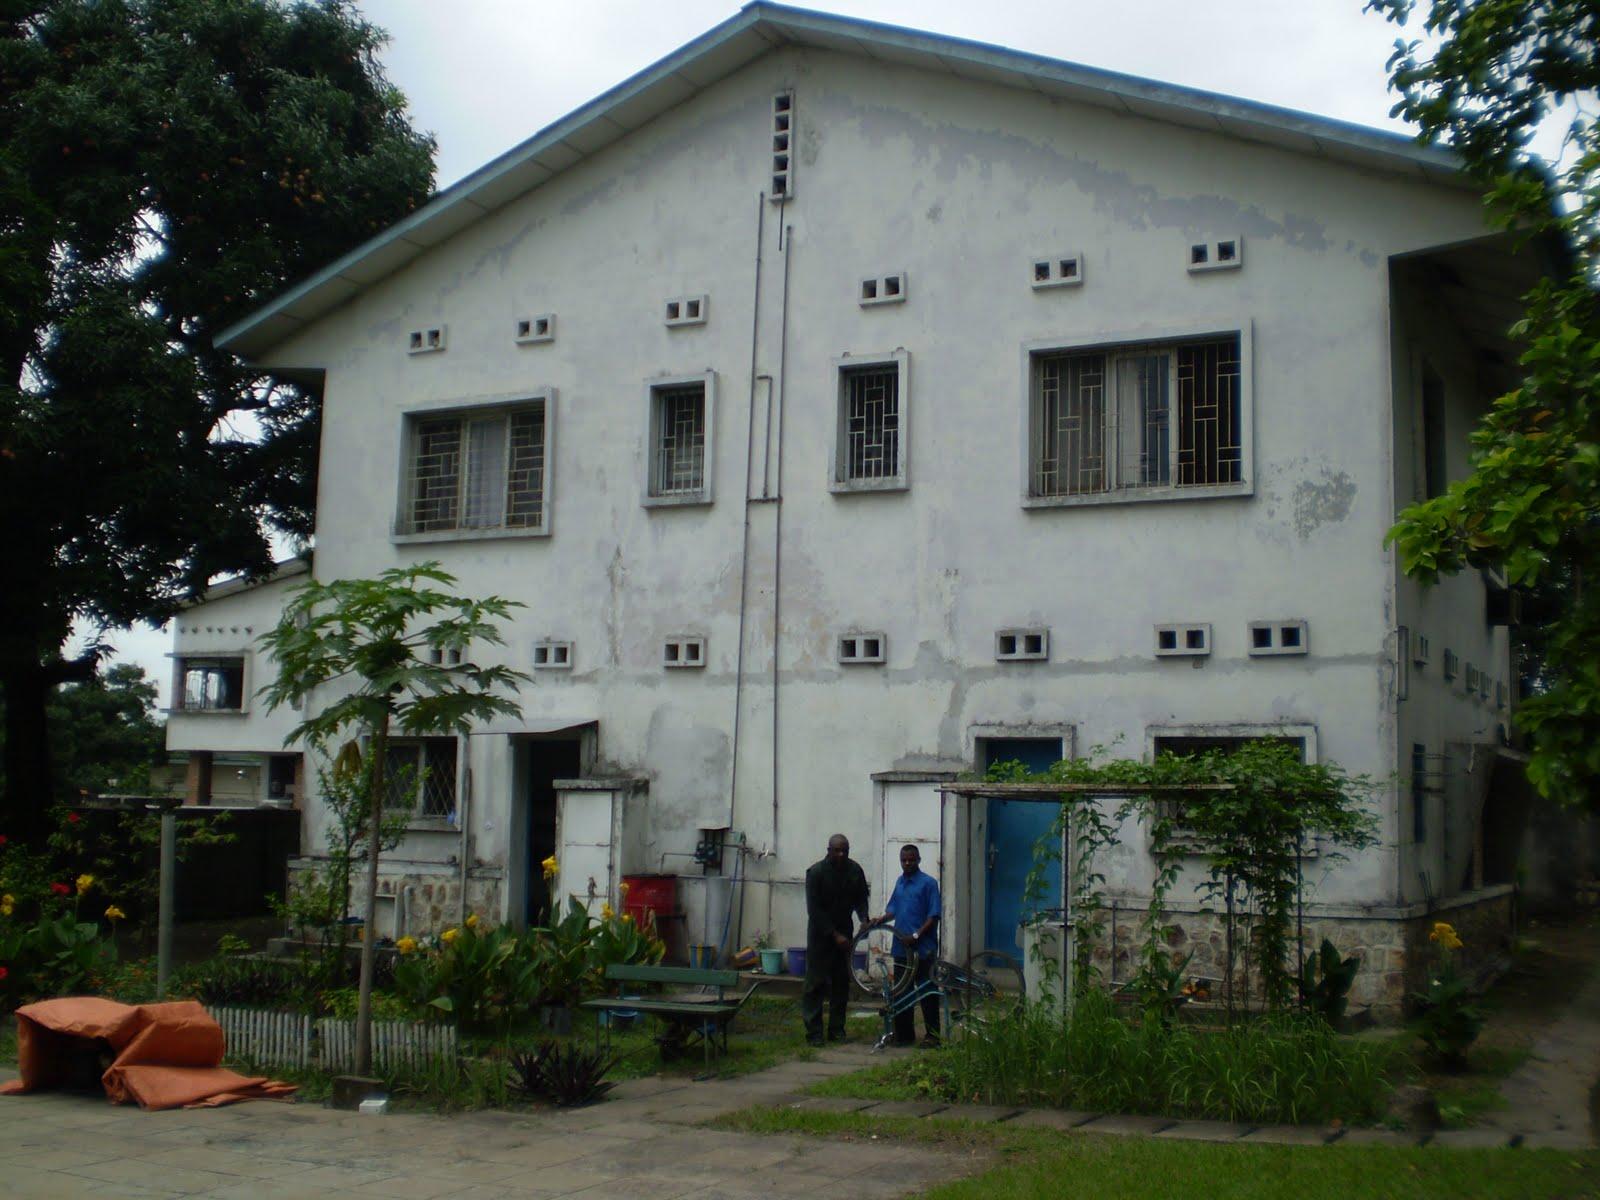 District svd de kinshasa maison provinciale 1991 for Maison provinciale